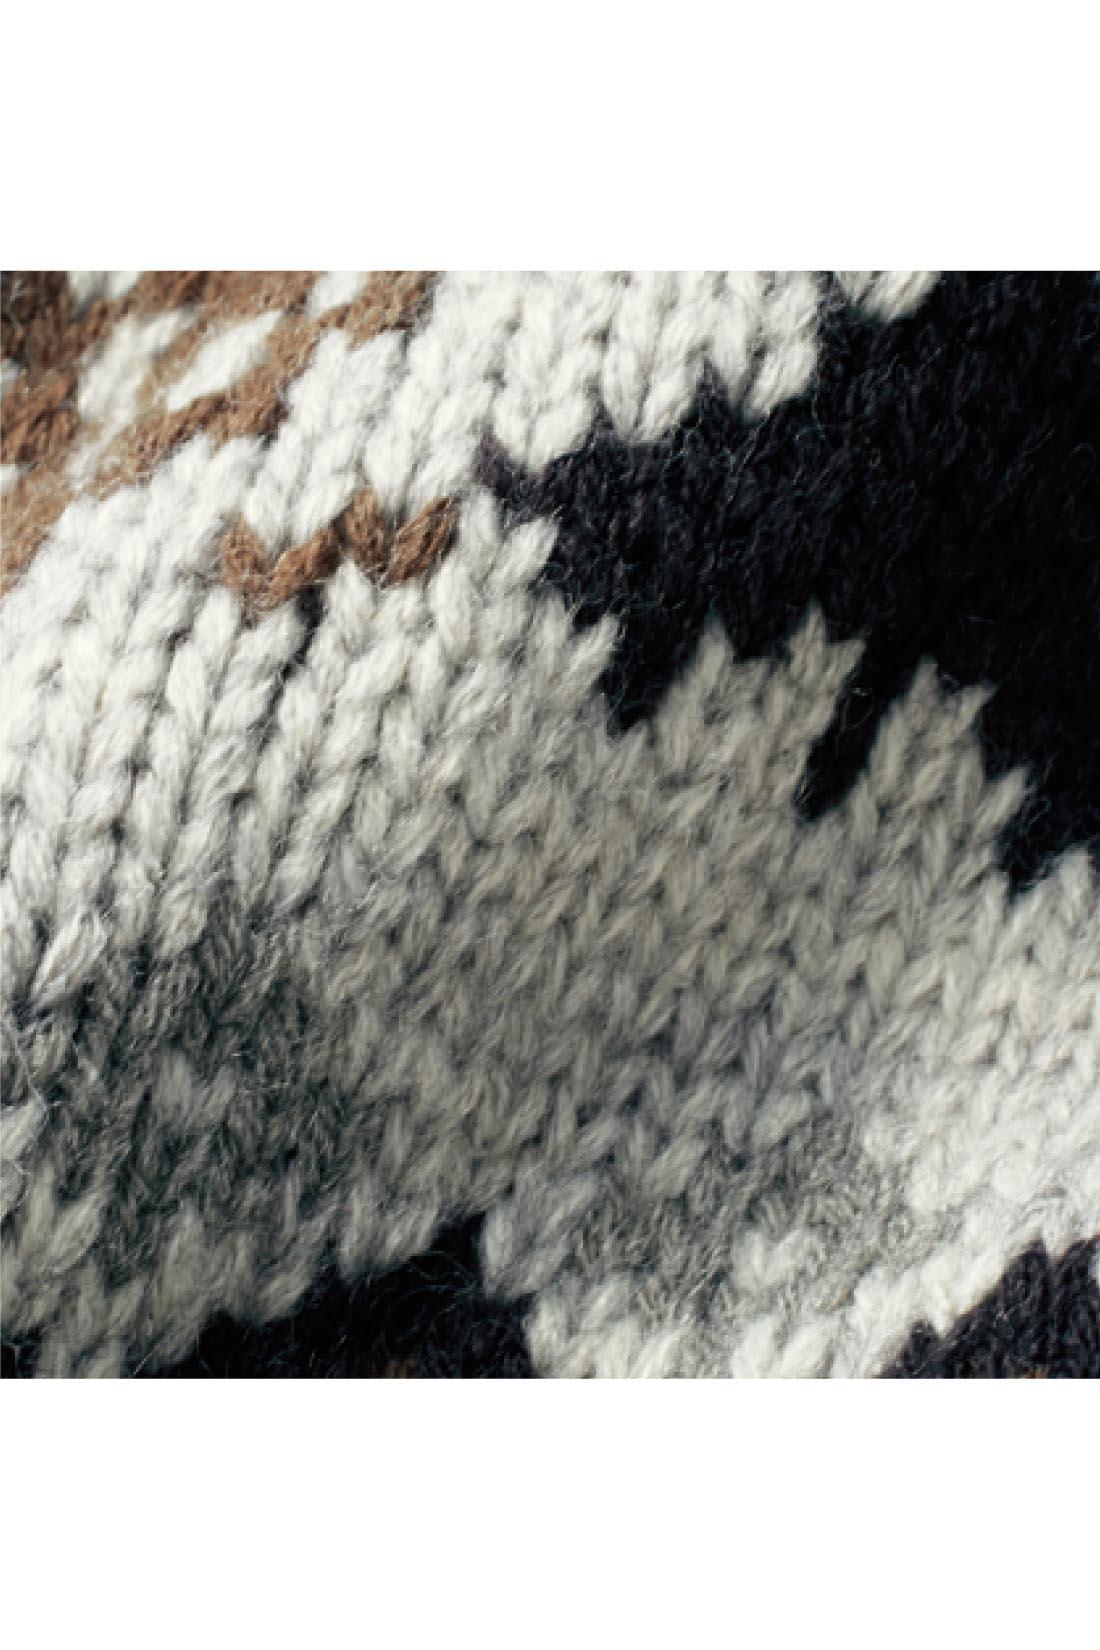 ウール混の素材がざっくり大人っぽい、モコモコしないほどよい厚み。